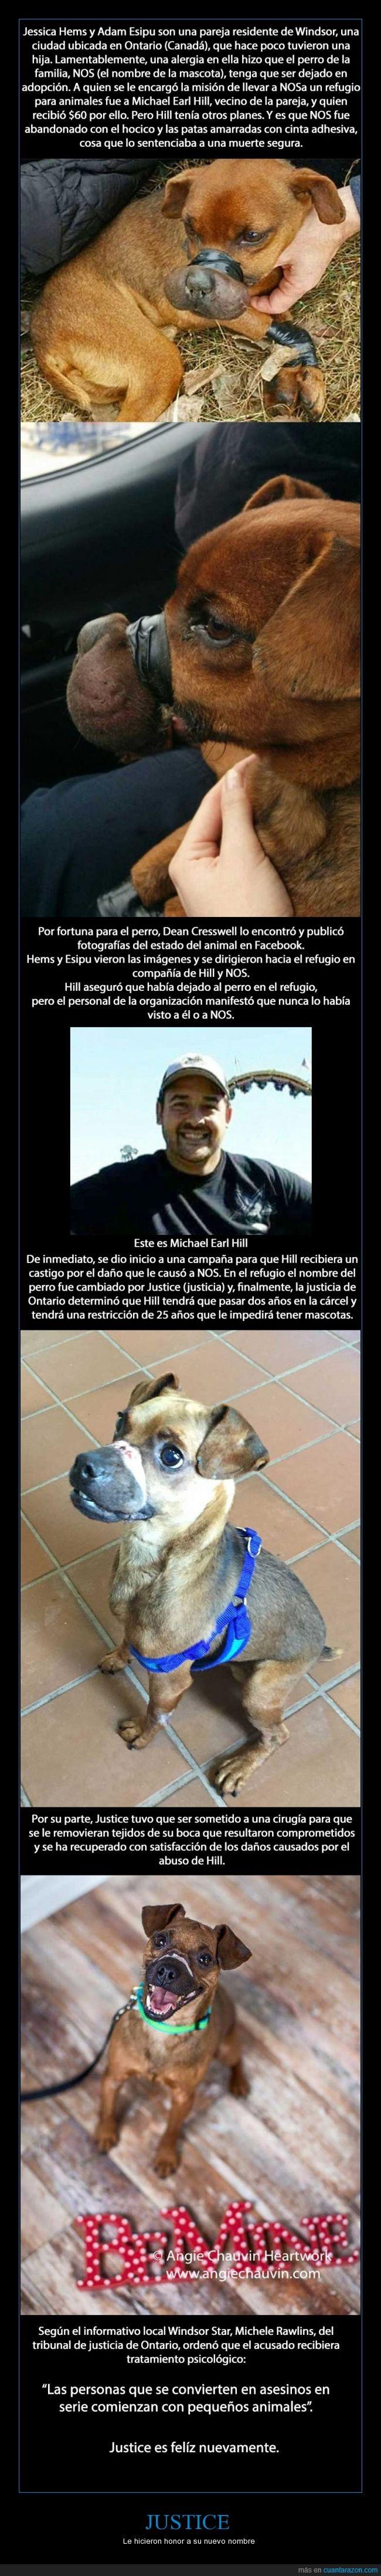 abandonar,donar,justice,Michael Earl Hill,perro,rescate,salvar